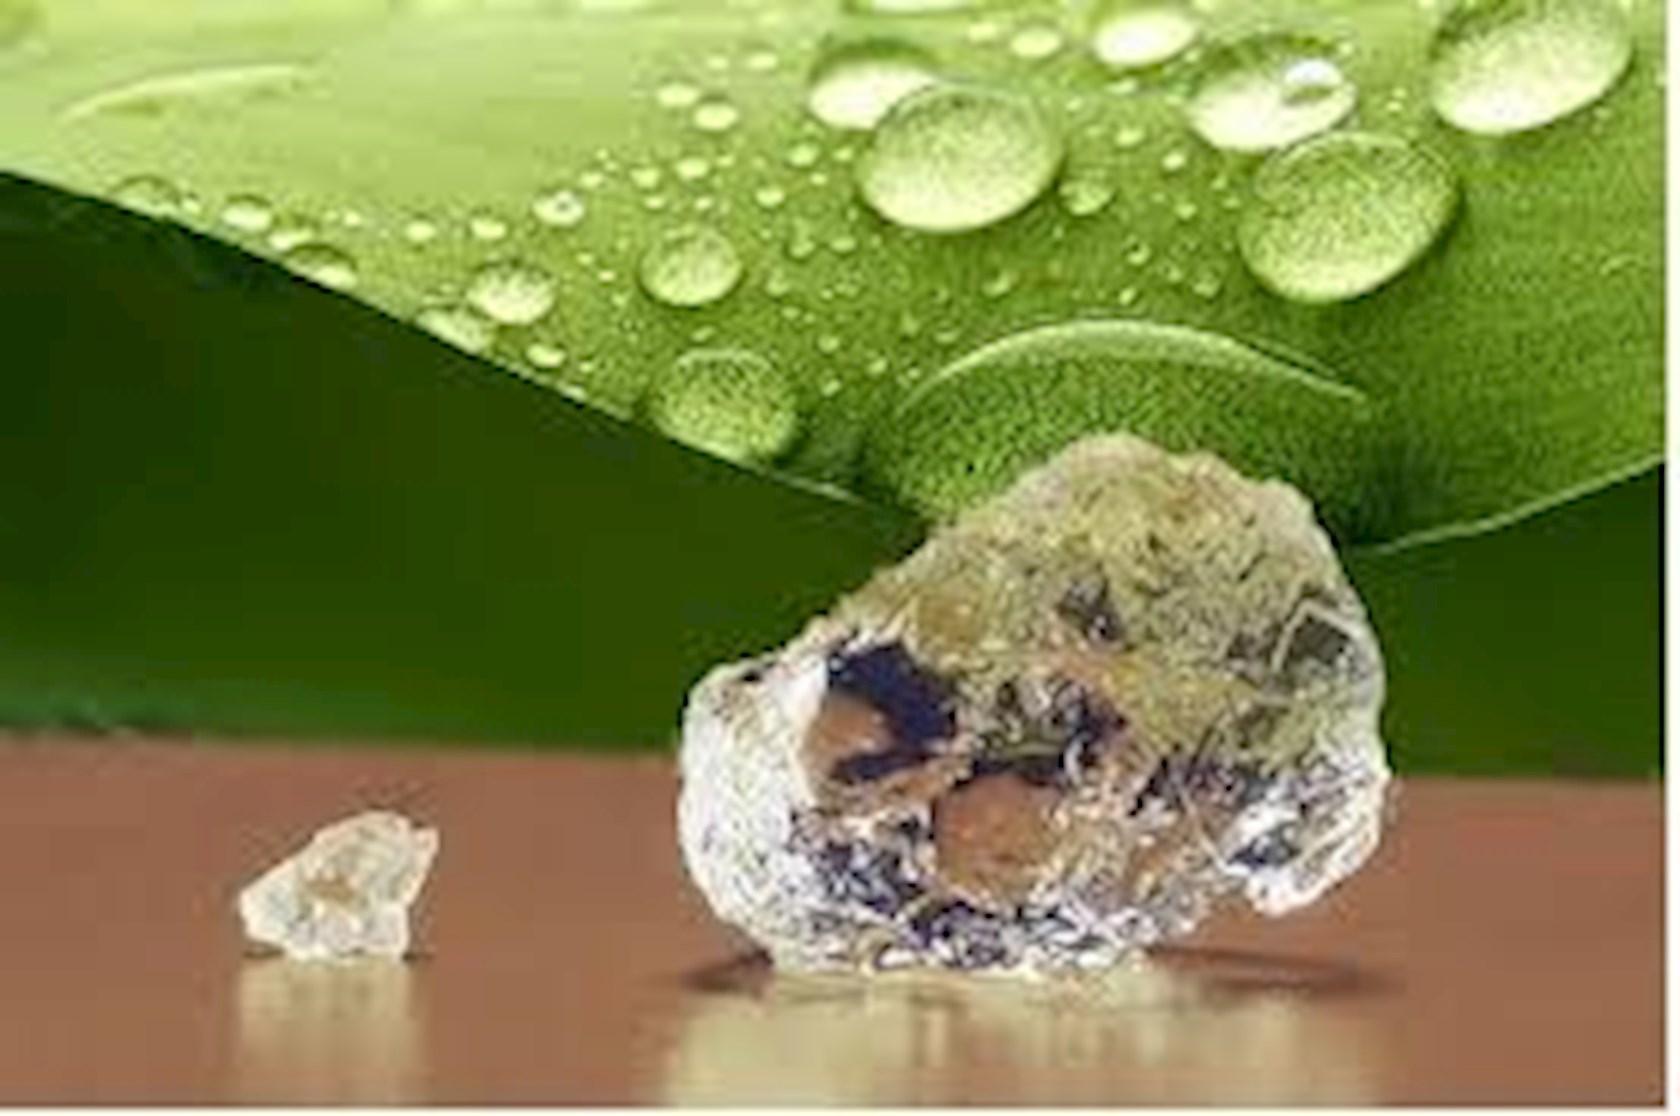 watergelkristallen